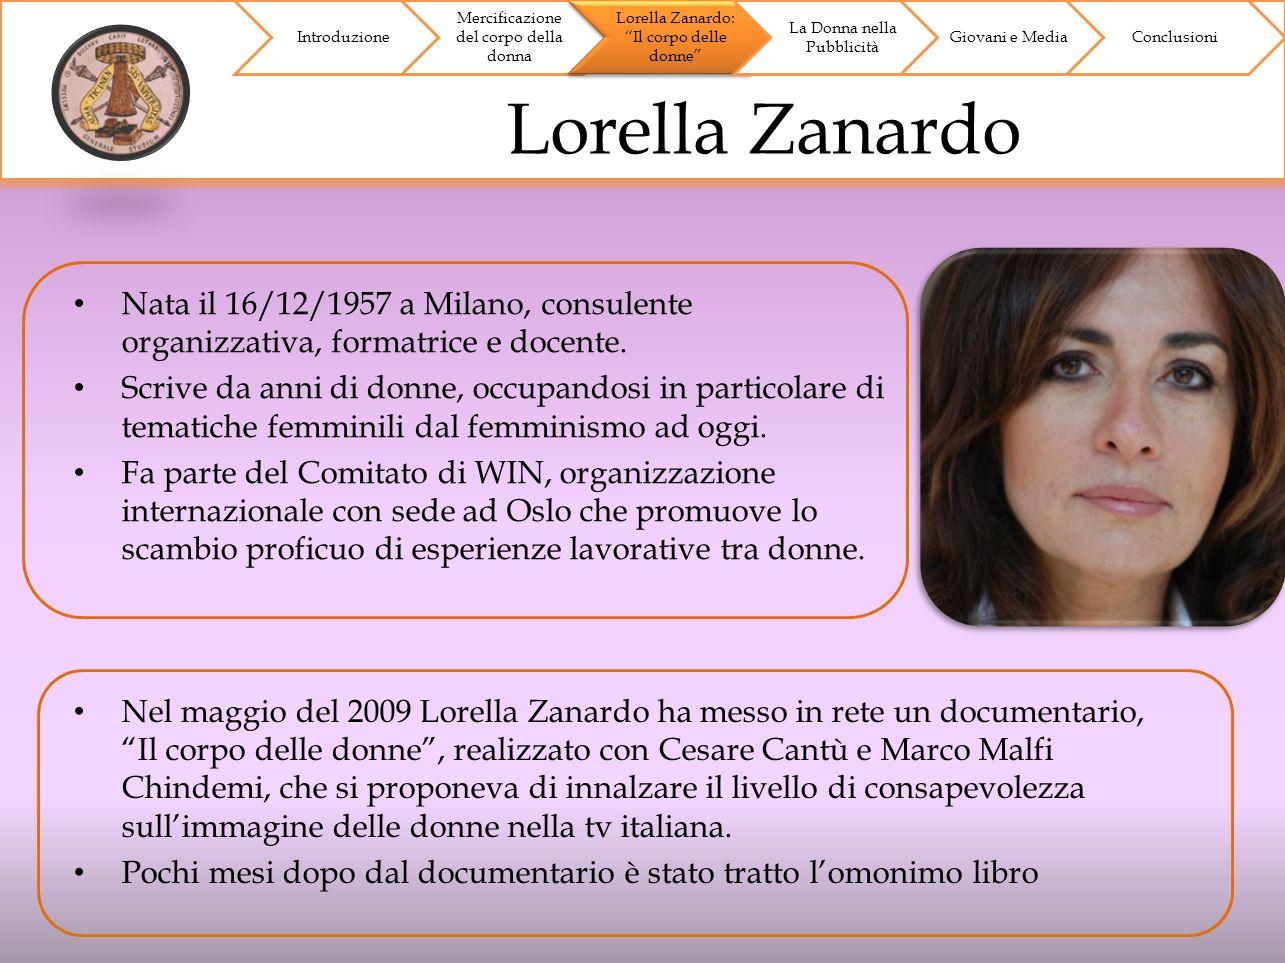 Introduzione Mercificazione del corpo della donna. Lorella Zanardo: Il corpo delle donne La Donna nella Pubblicità.